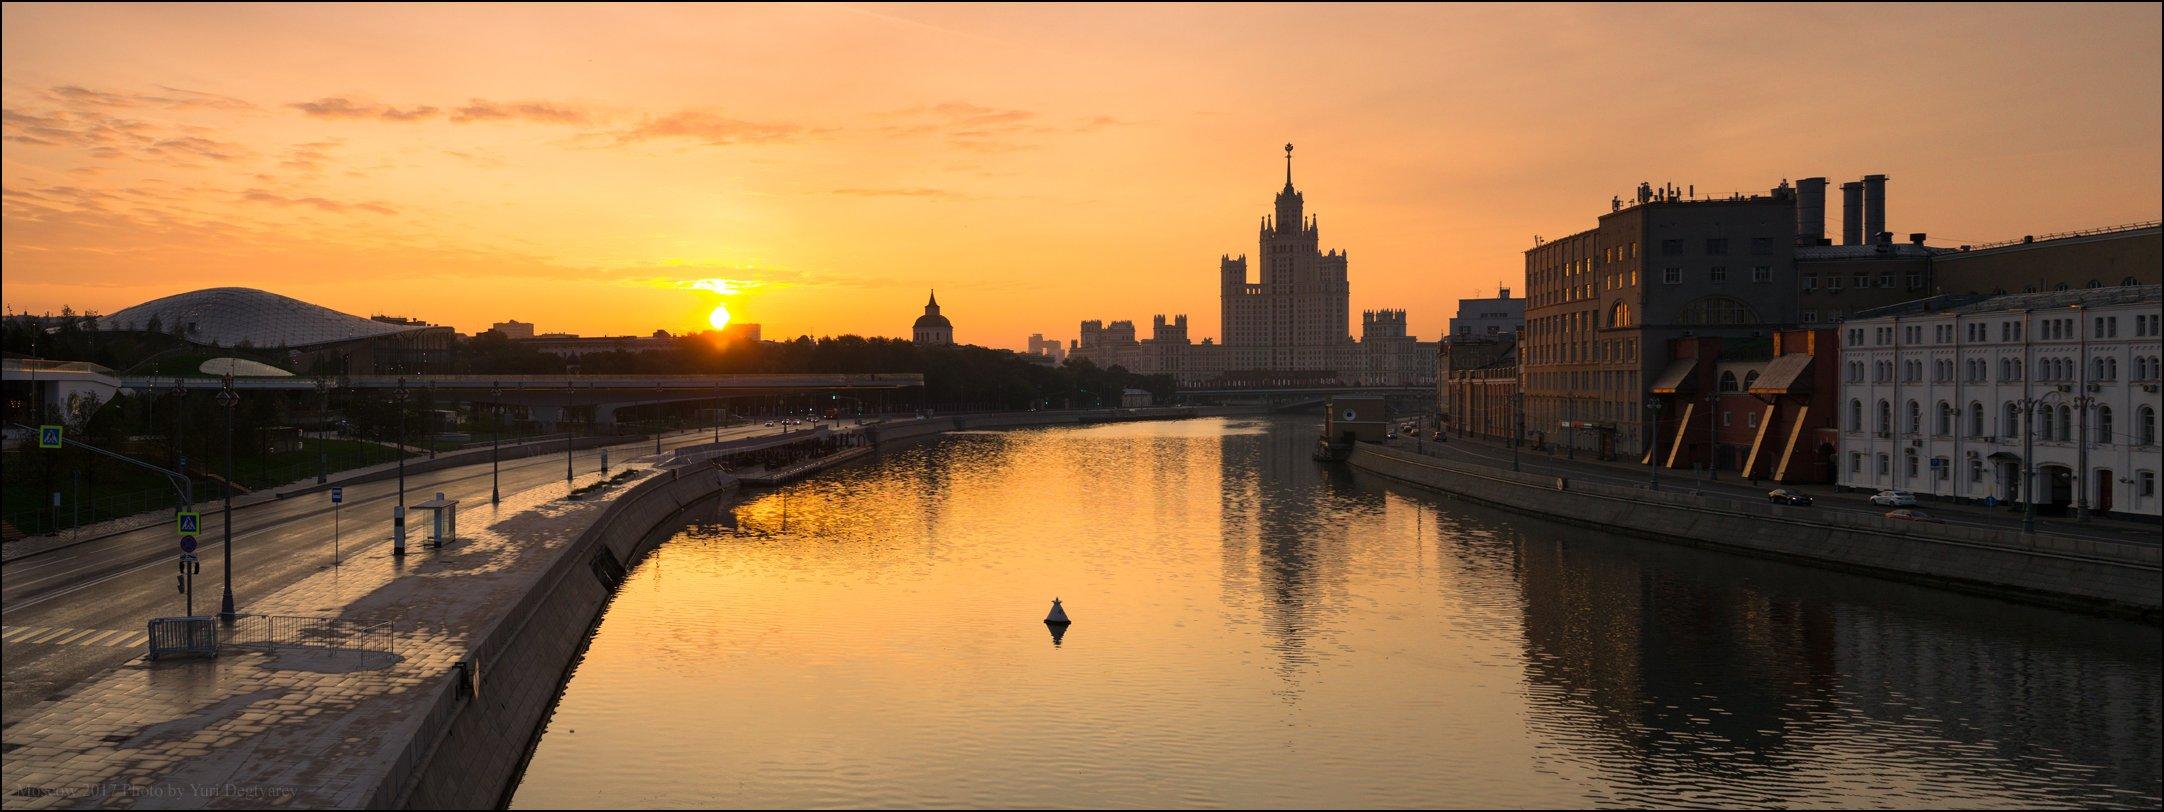 город, столица, Москва, Россия, рассвет, высотка, река, солнце, Юрий Дегтярёв